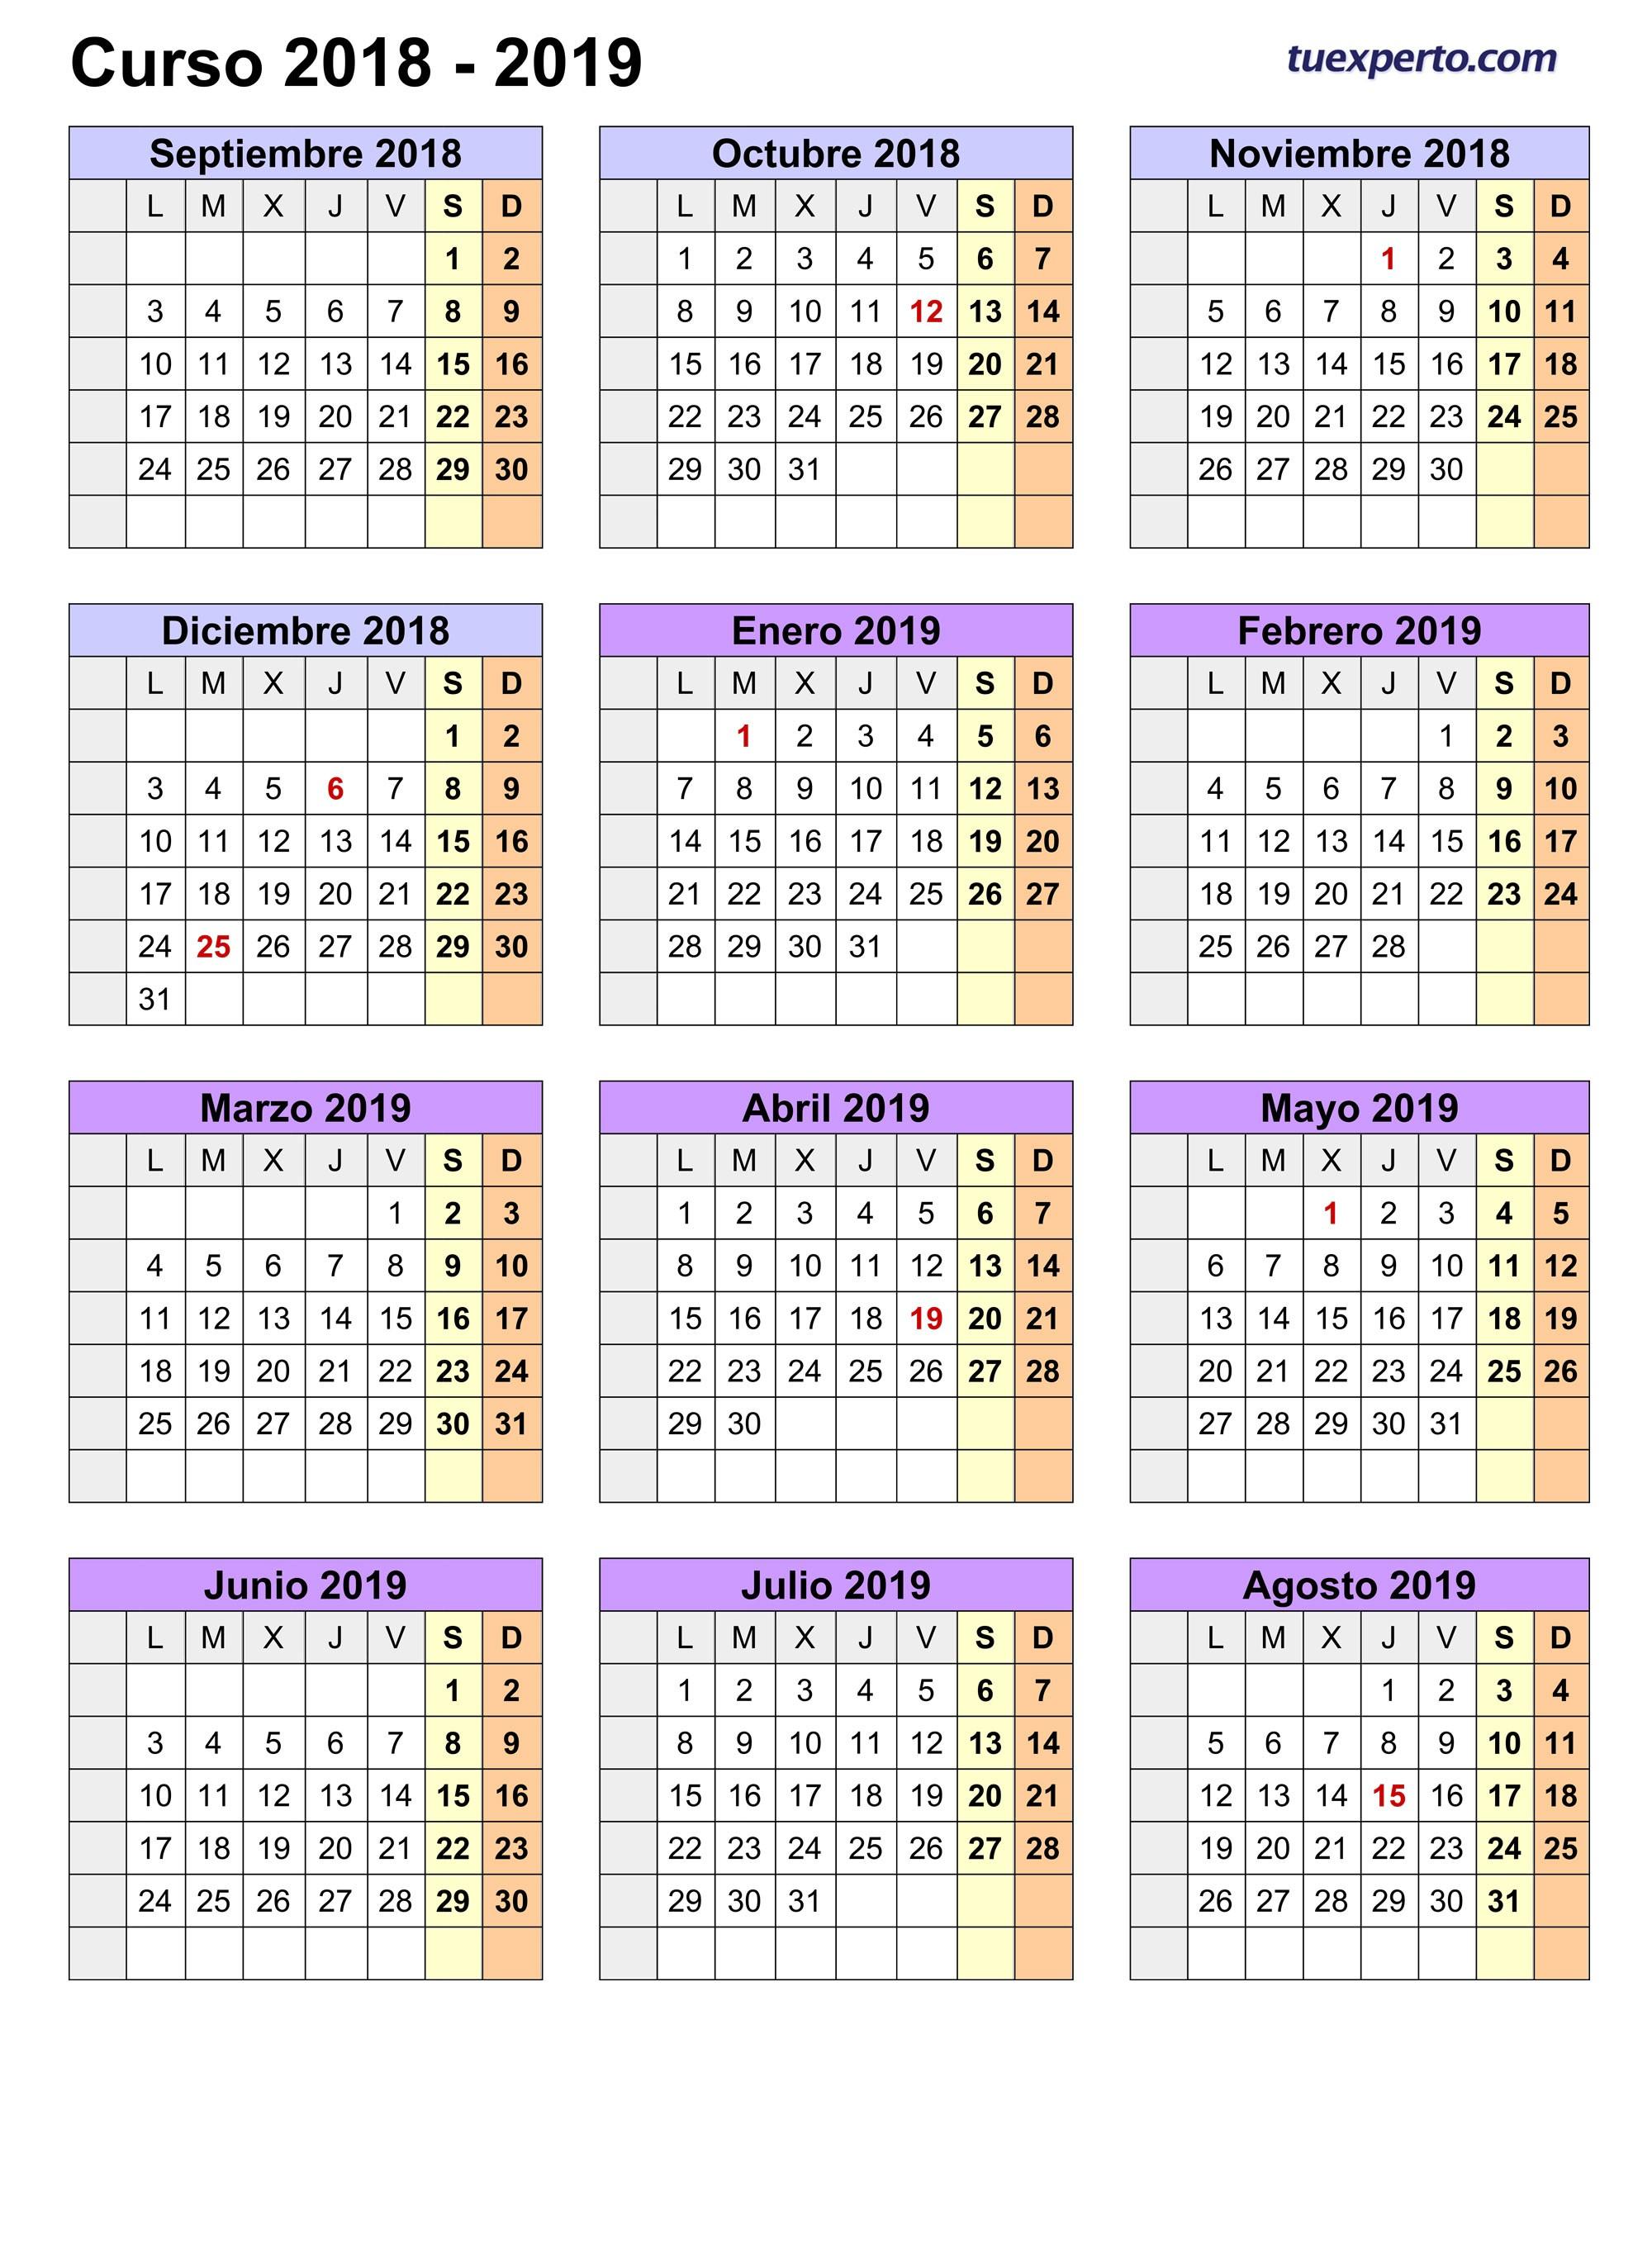 Calendario escolar 2018 2019 más de 100 plantillas e imágenes para